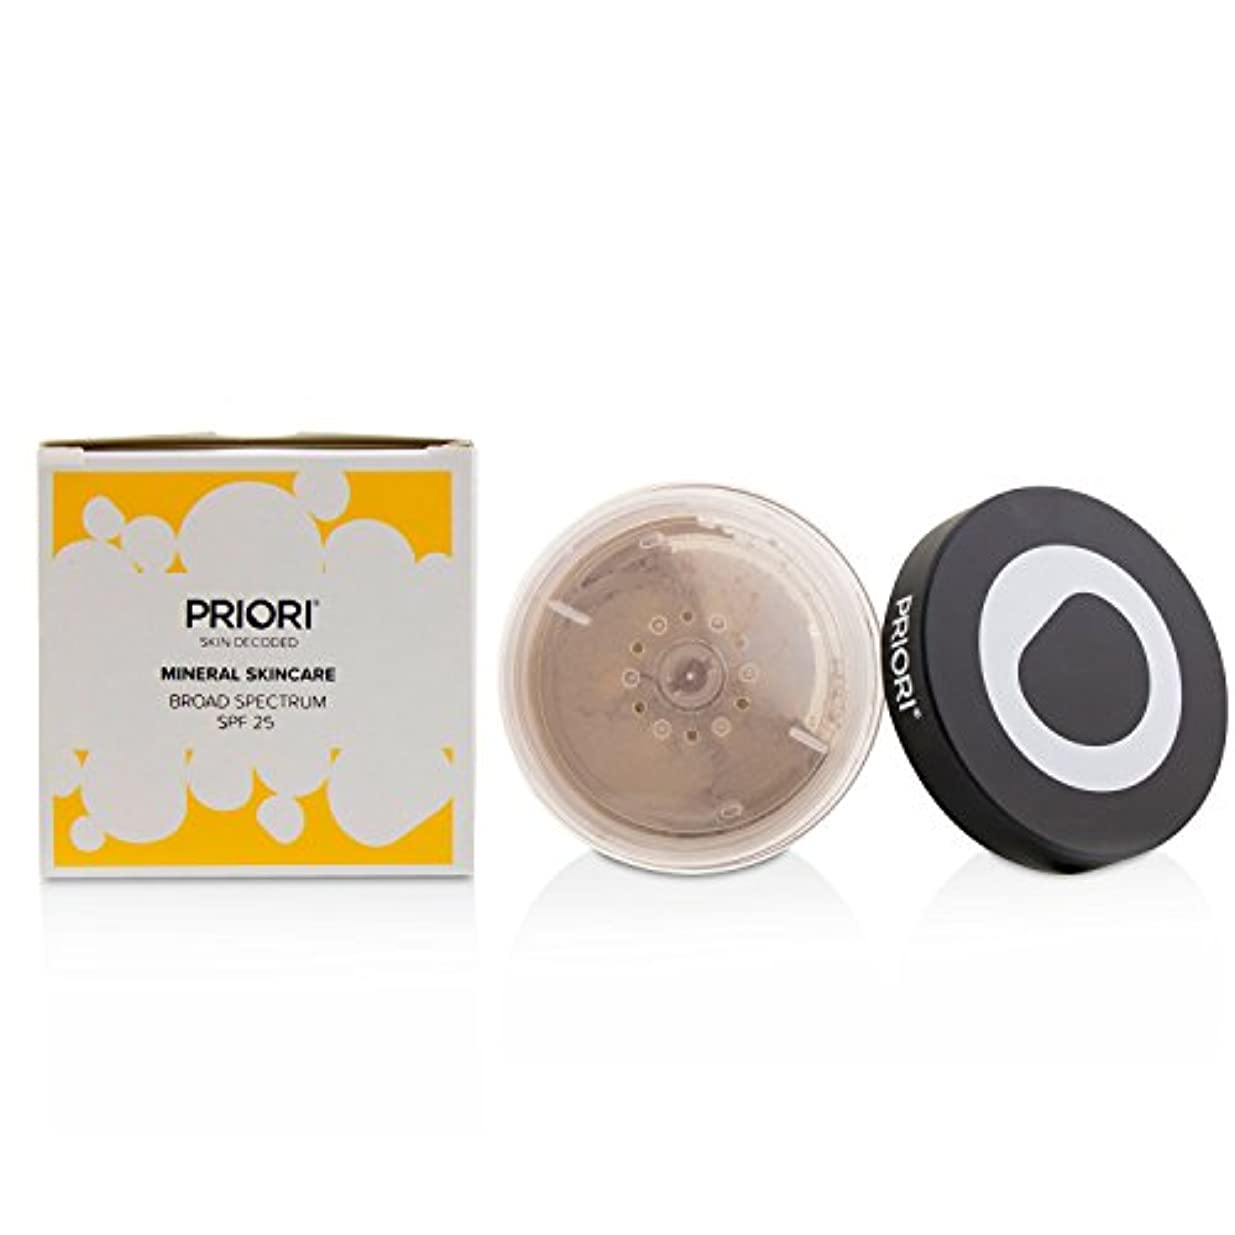 複製手つかずのアームストロングプリオリ Mineral Skincare Broad Spectrum SPF25 - # Shade 4 (Fx354) 5g/0.17oz並行輸入品